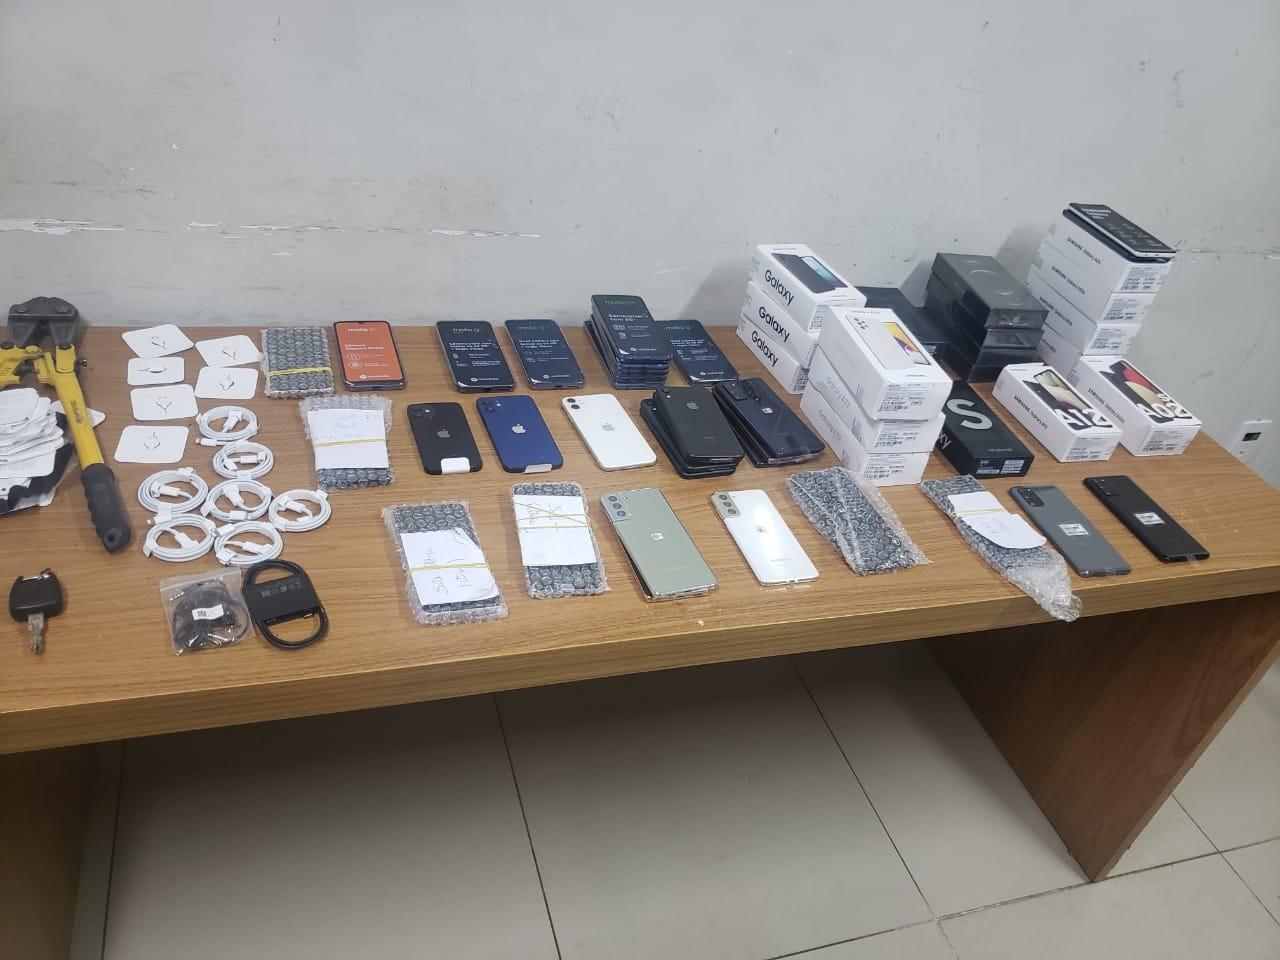 Trio é preso suspeito de furtar celulares de loja em shopping de Araçatuba